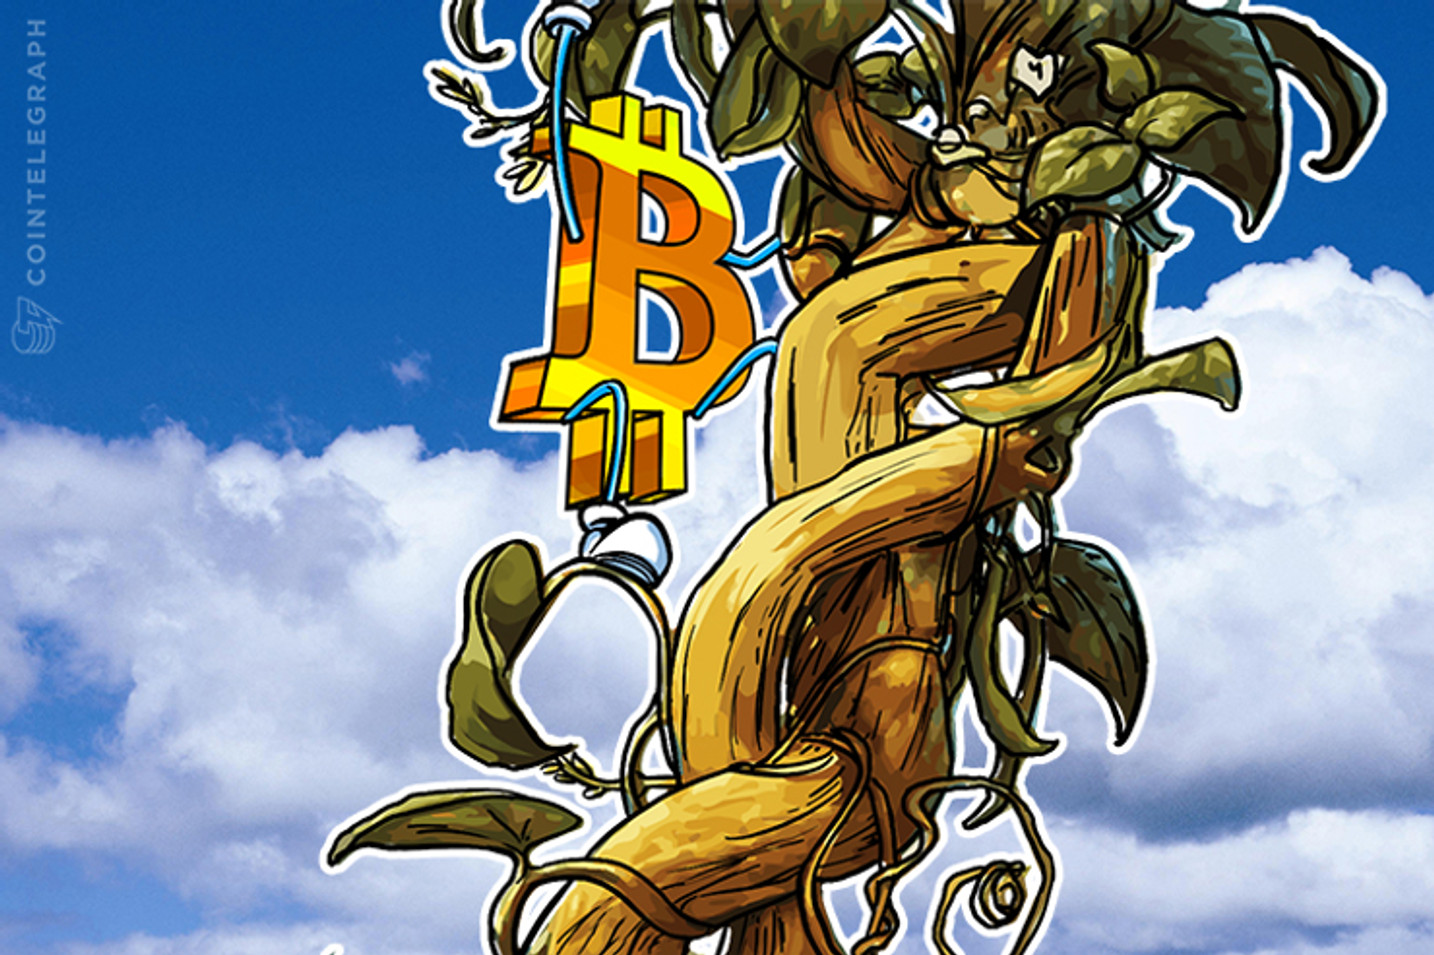 El precio de Bitcoin en pesos argentinos subió un 38 por ciento desde las elecciones primarias